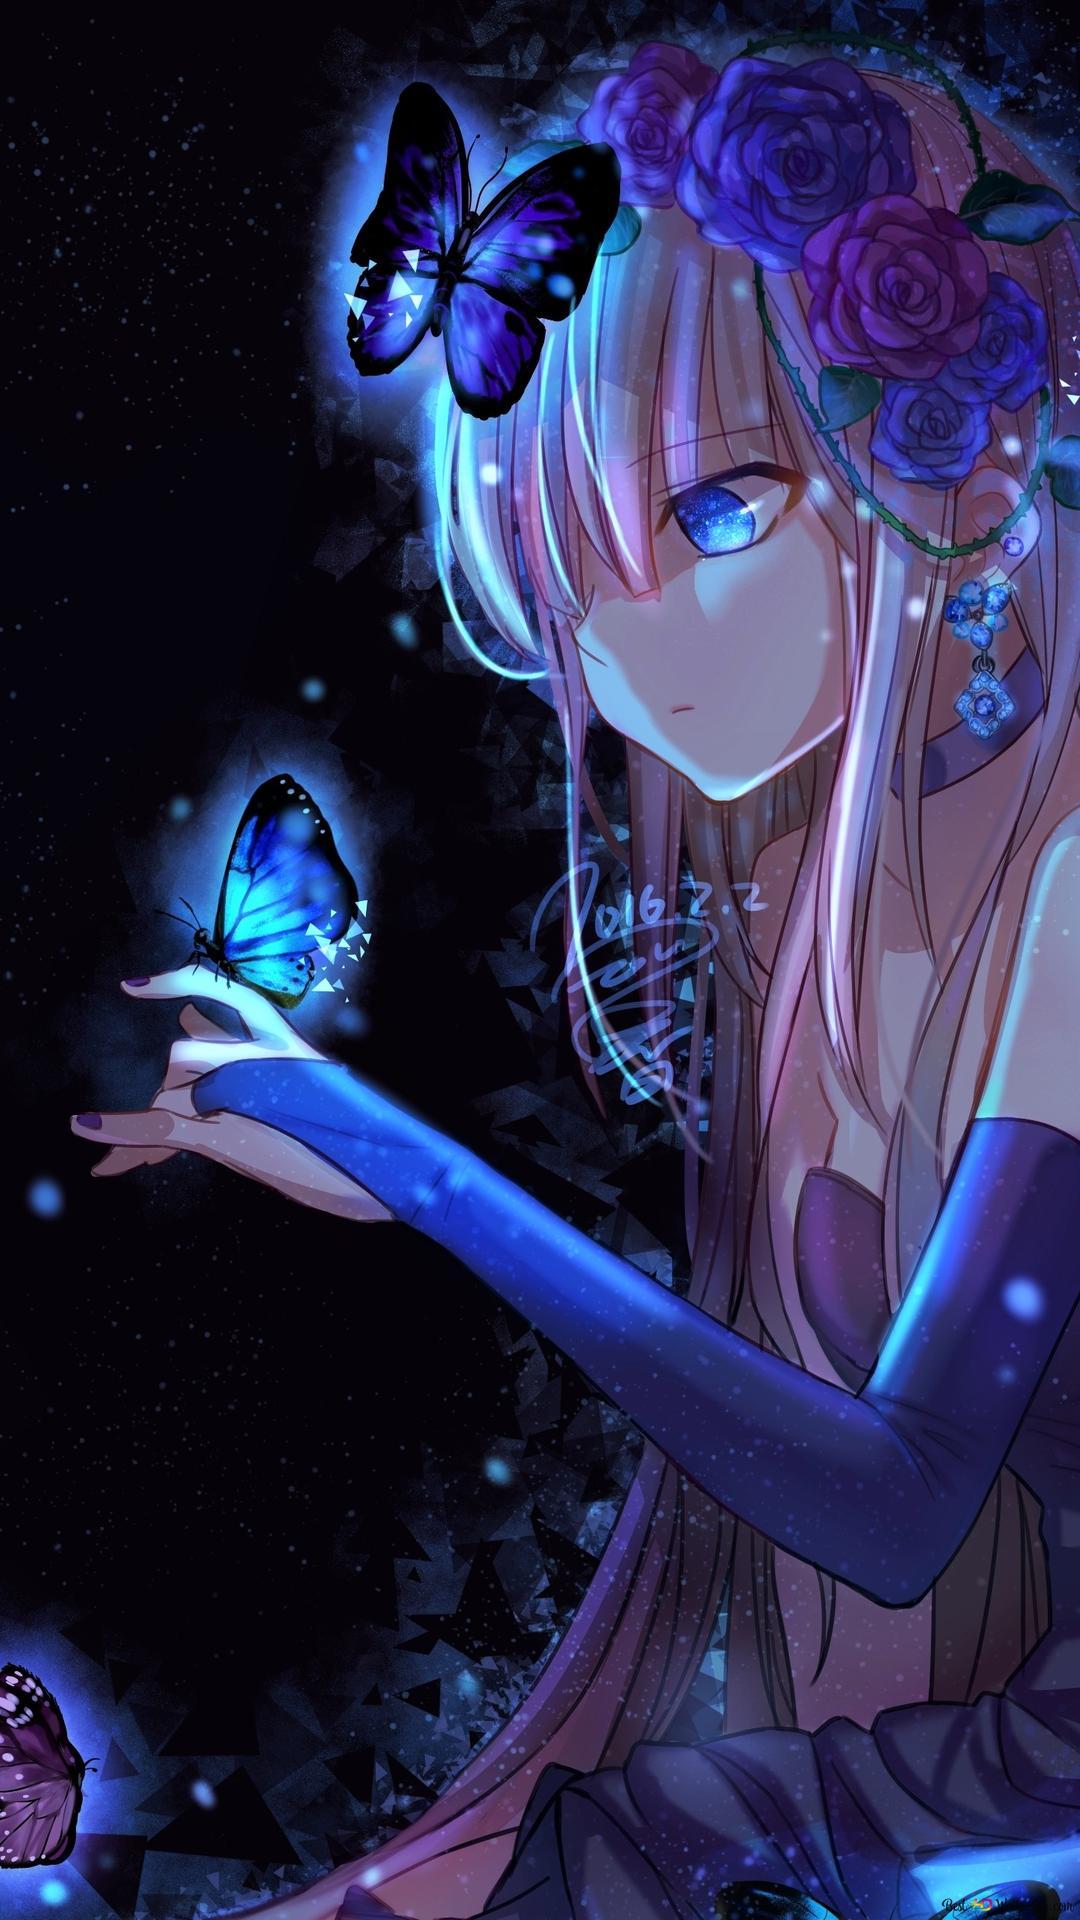 アニメ少女と蝶 Hd壁紙のダウンロード